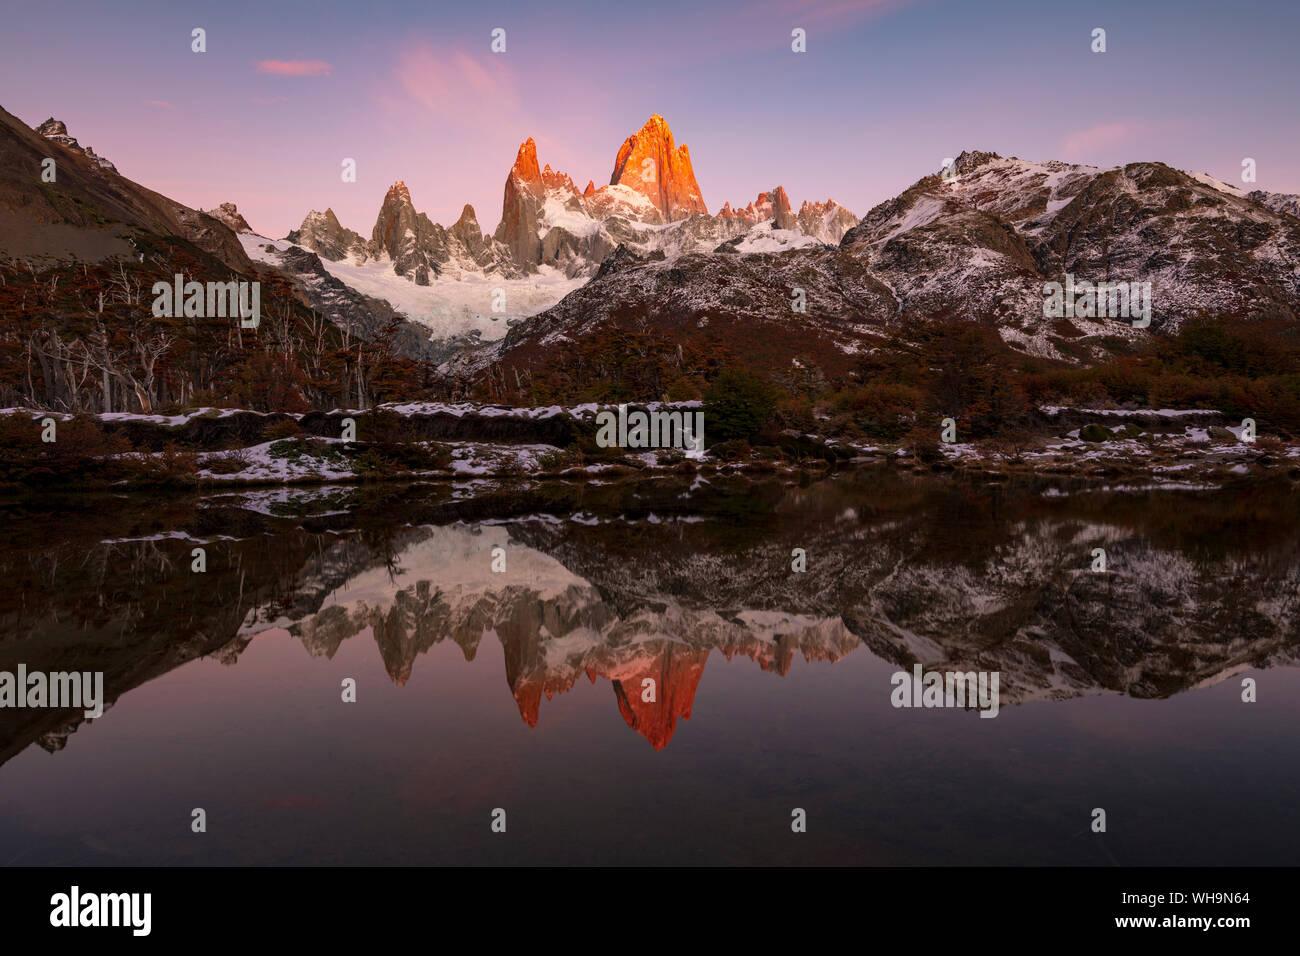 Monte Fitz Roy y el Cerro Torre, con increíbles amaneceres, el Parque Nacional Los Glaciares, la UNESCO, El Chaltén, Provincia de Santa Cruz, Patagonia, Argentina Foto de stock